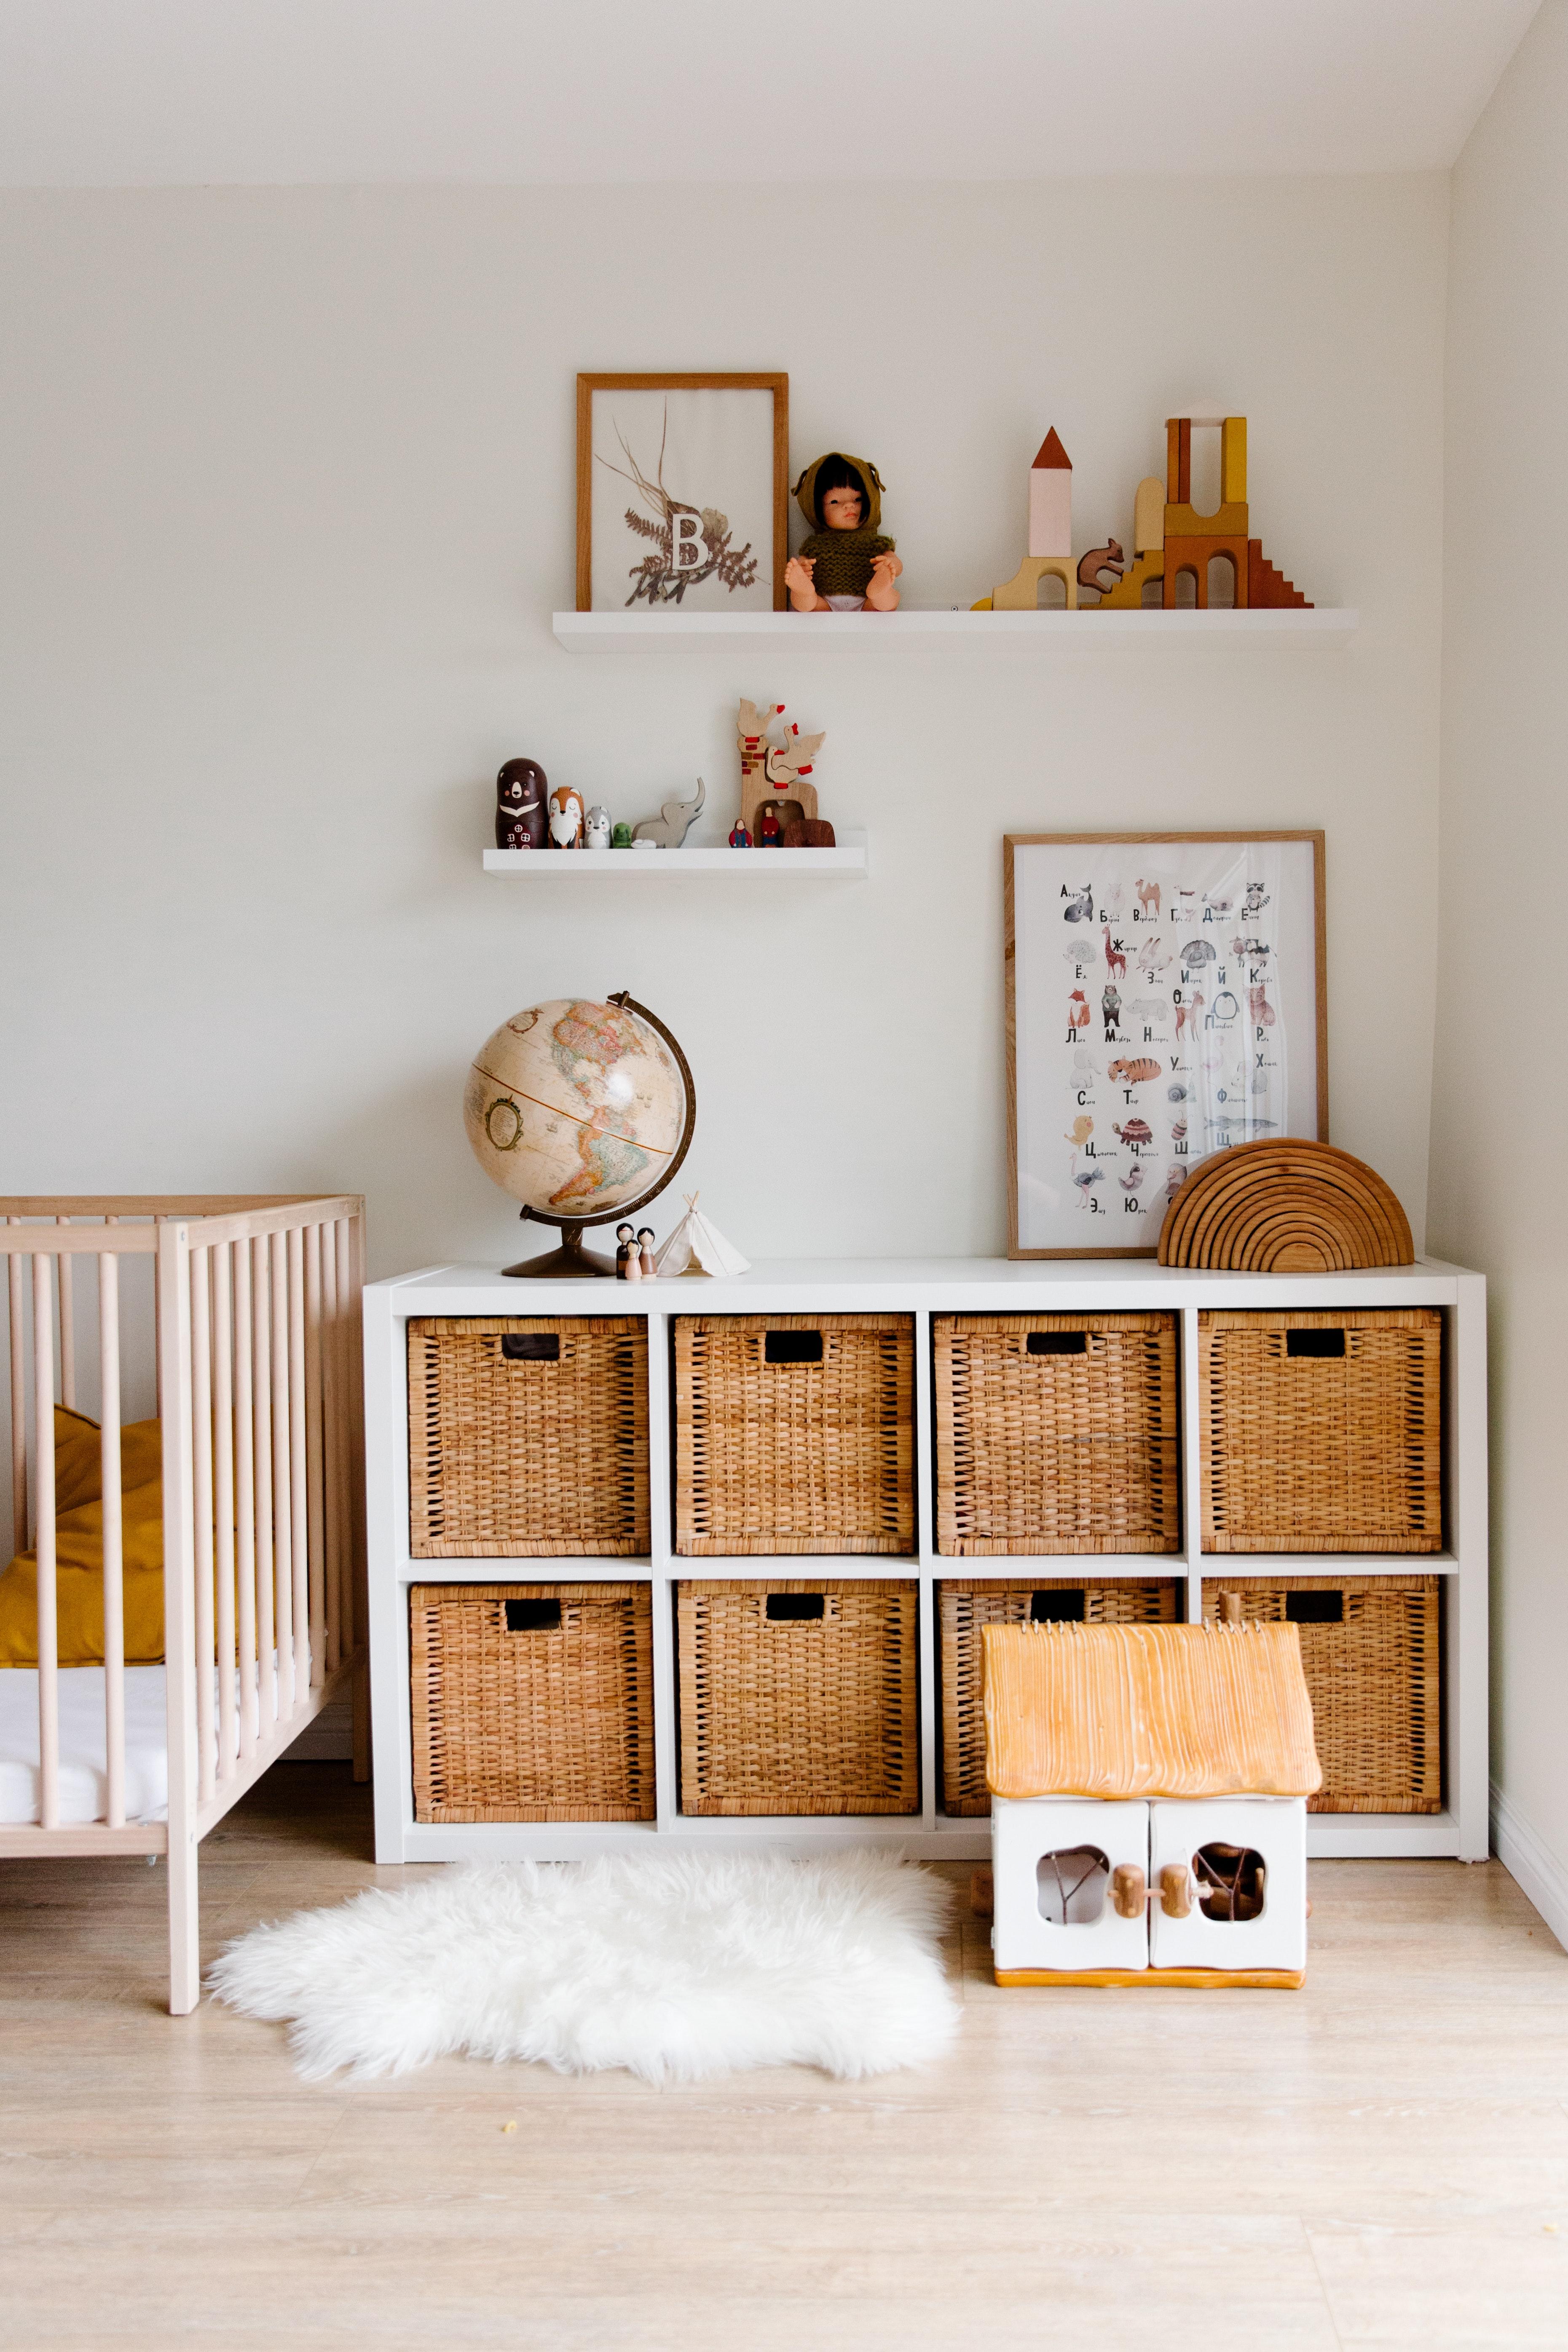 Sécurité, comment bien préparer la chambre de son futur enfant